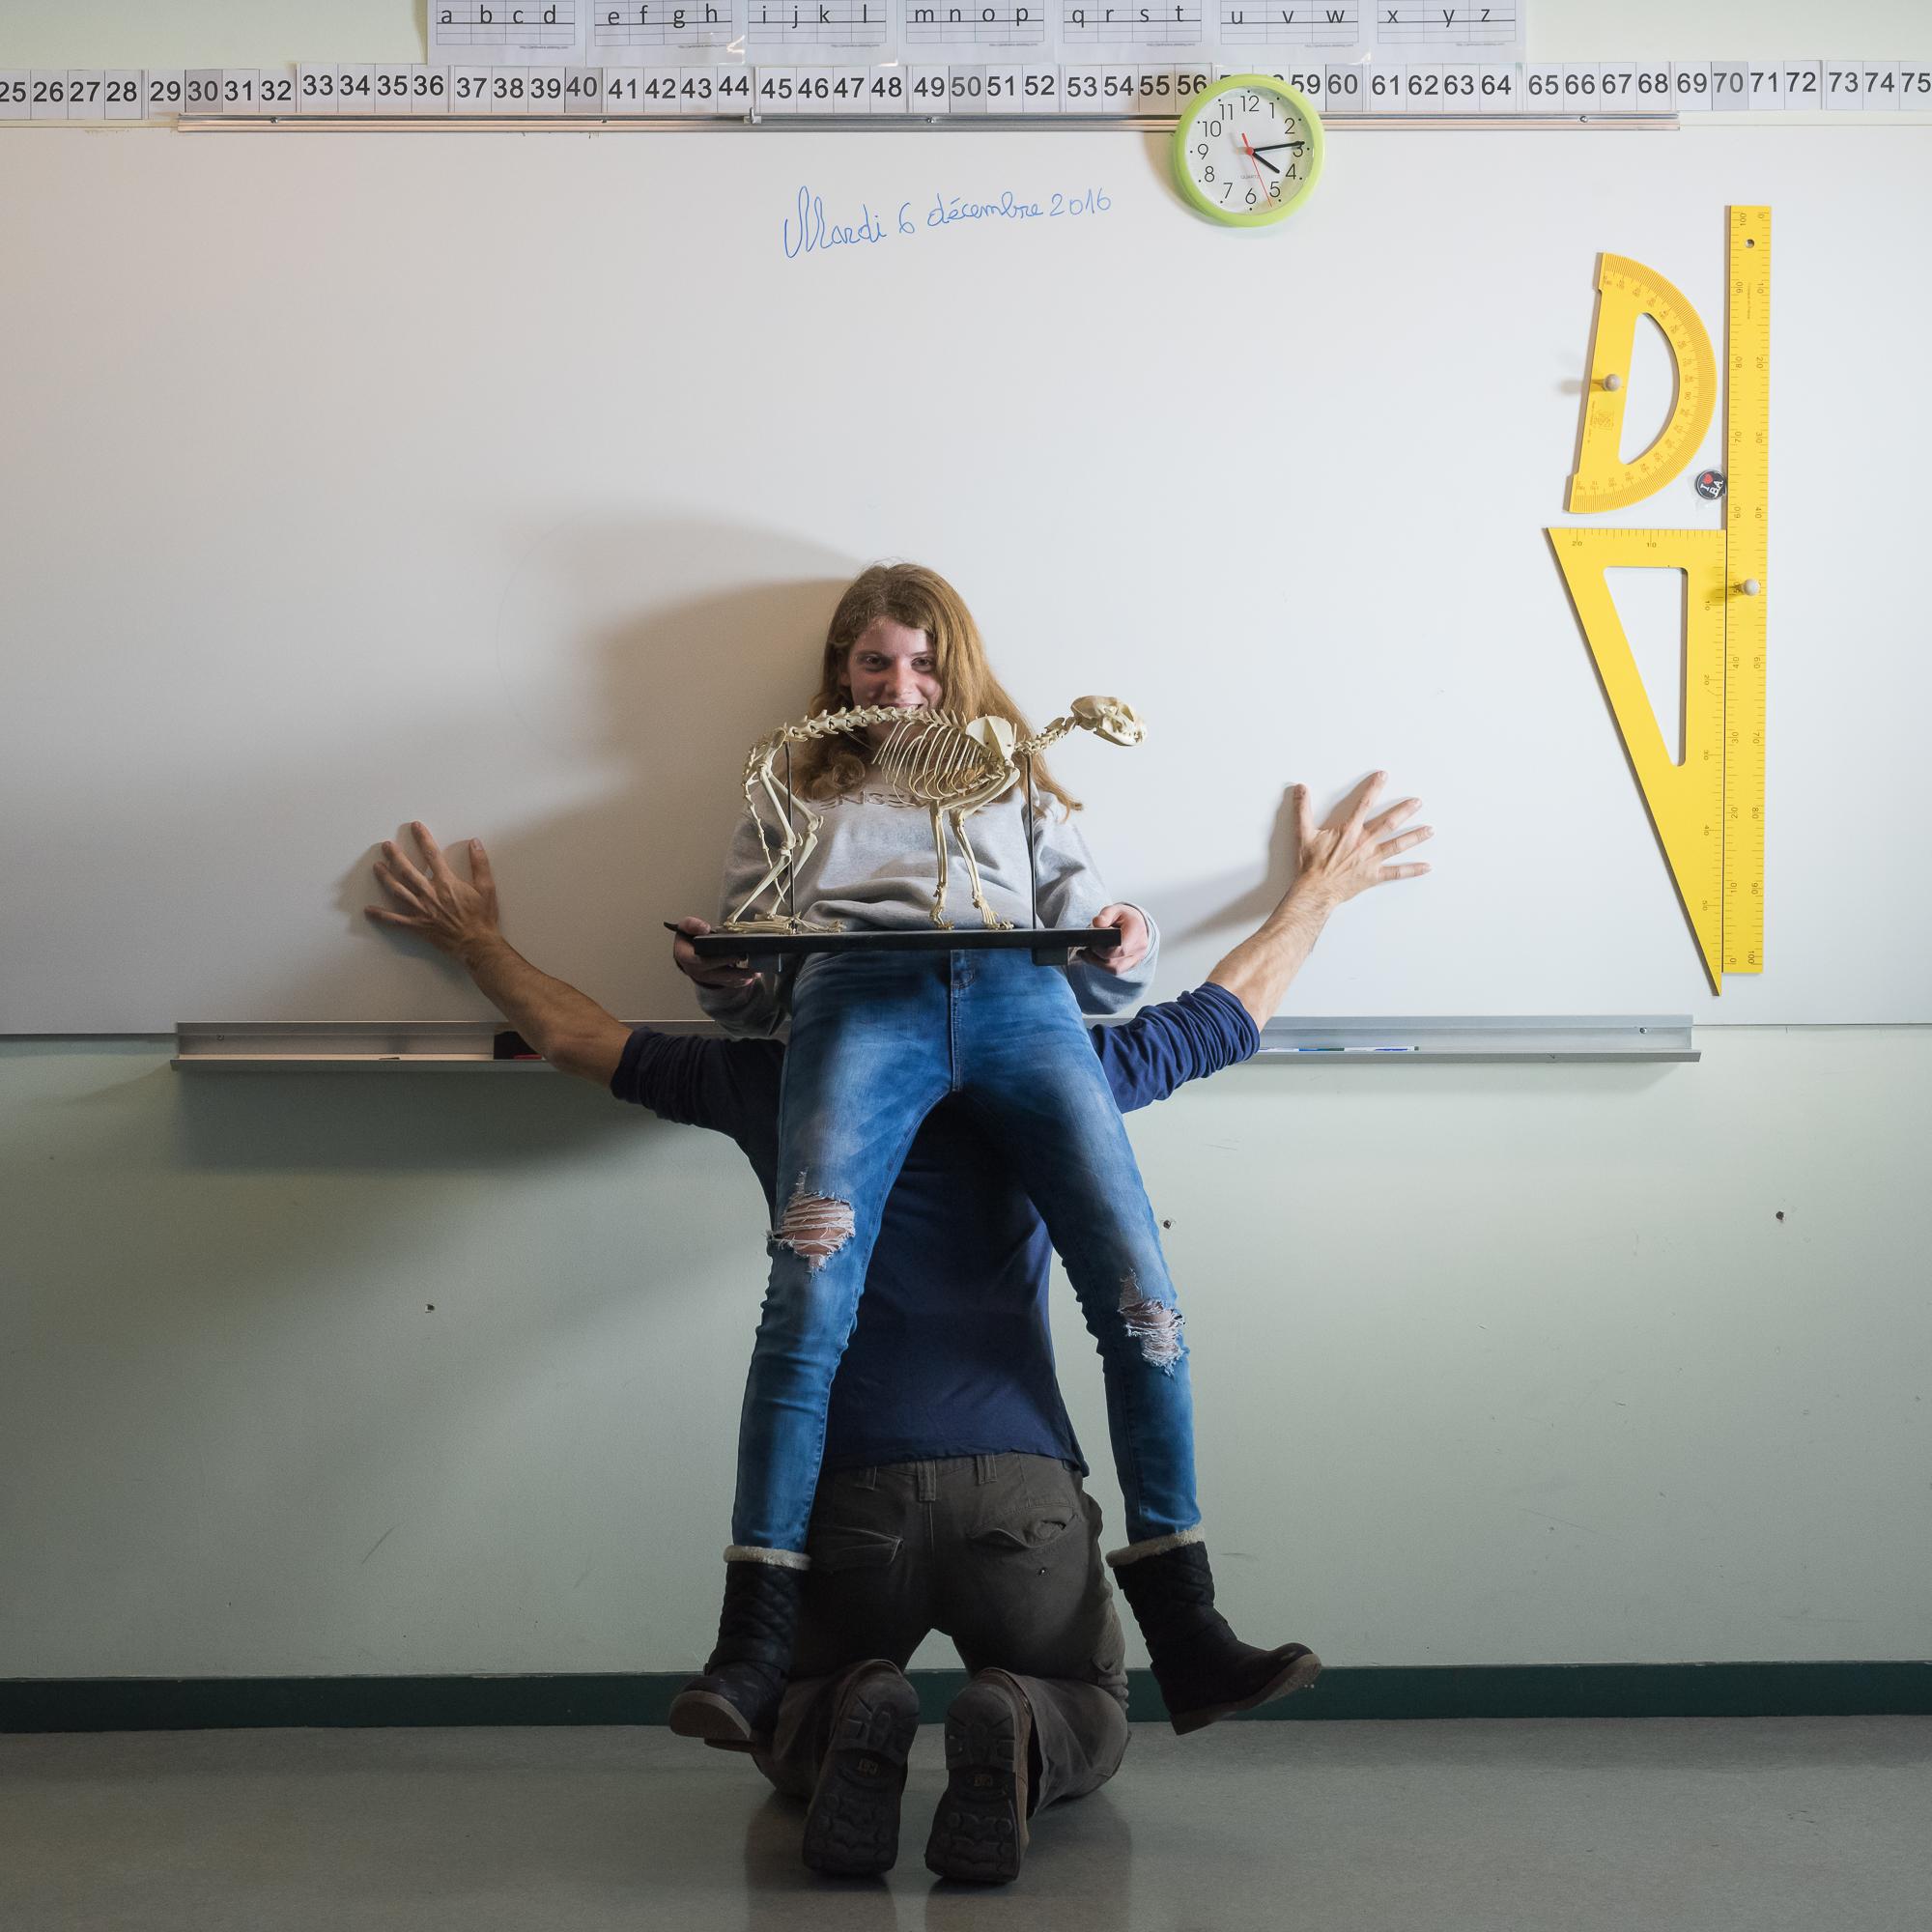 En classe - 16h14